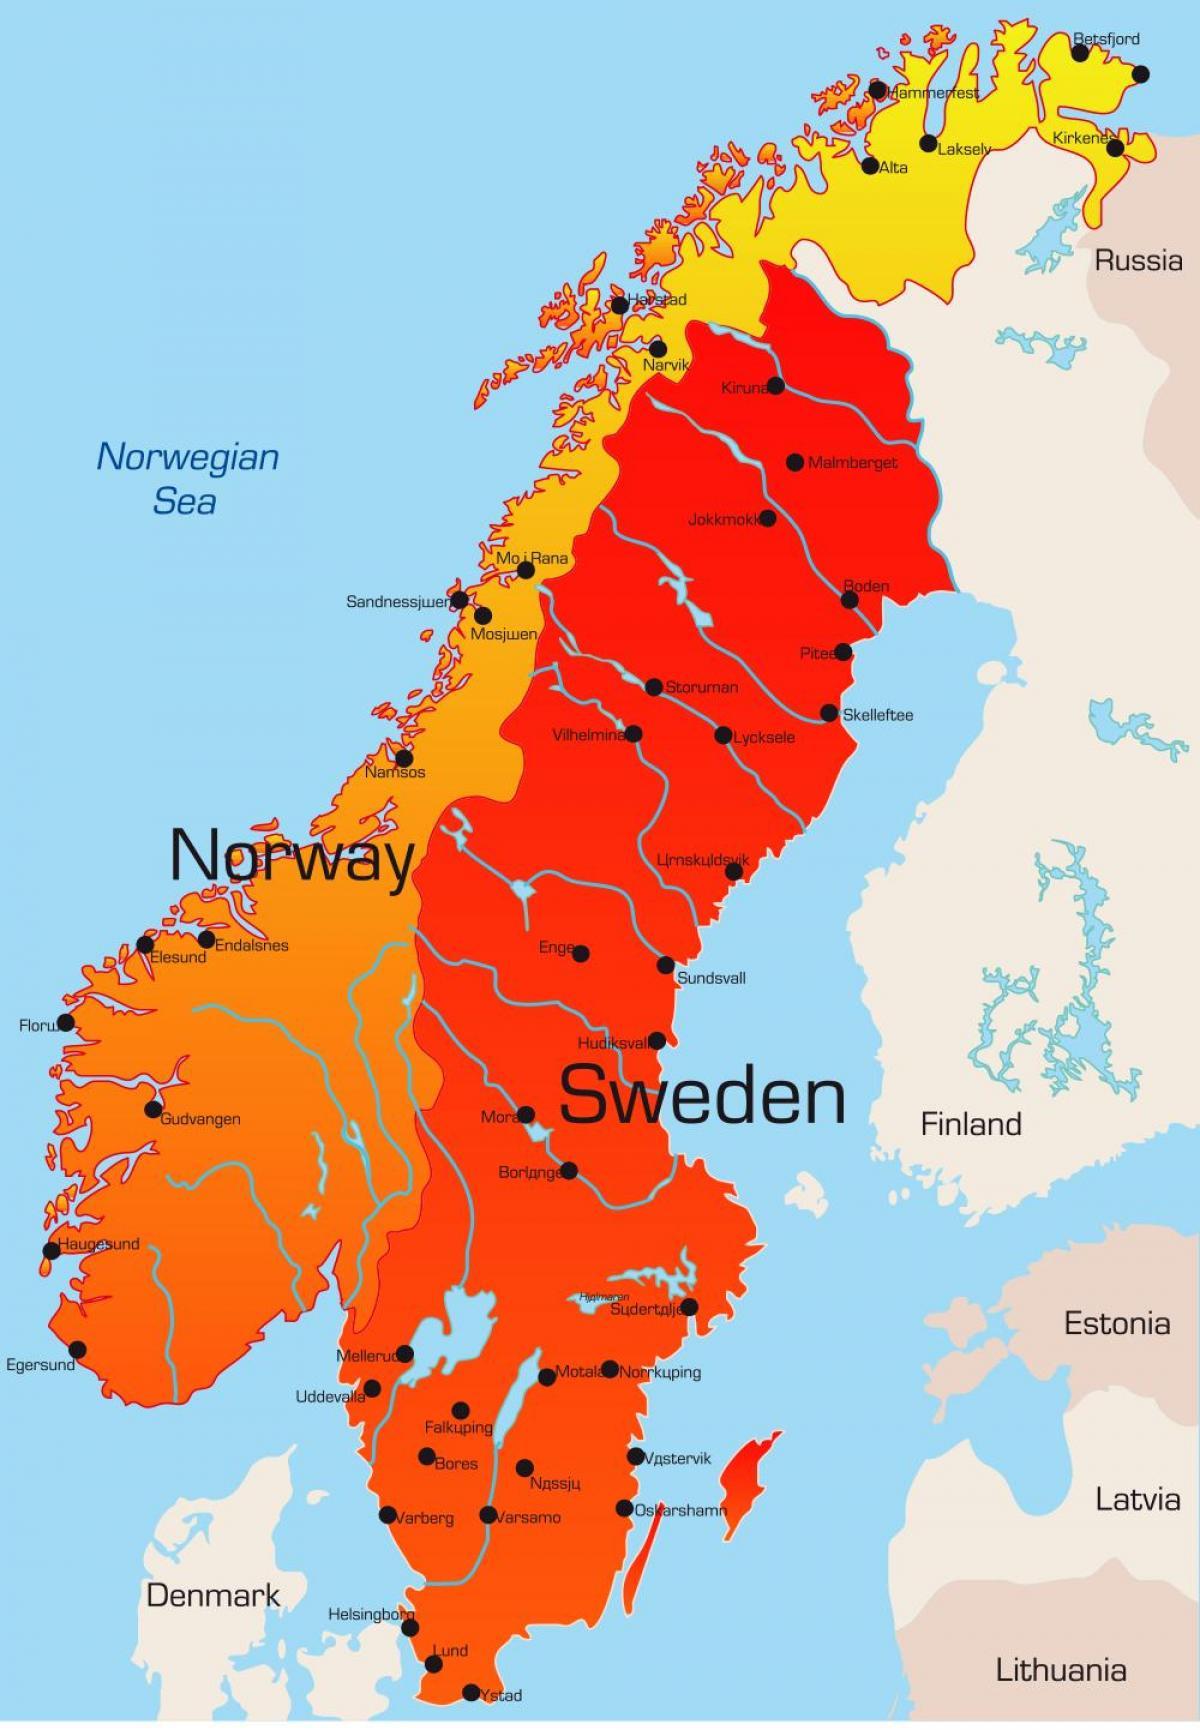 Karte Von Europa Mit Städten.Schweden Landkarte Städte Karte Von Schweden Mit Städten Europa